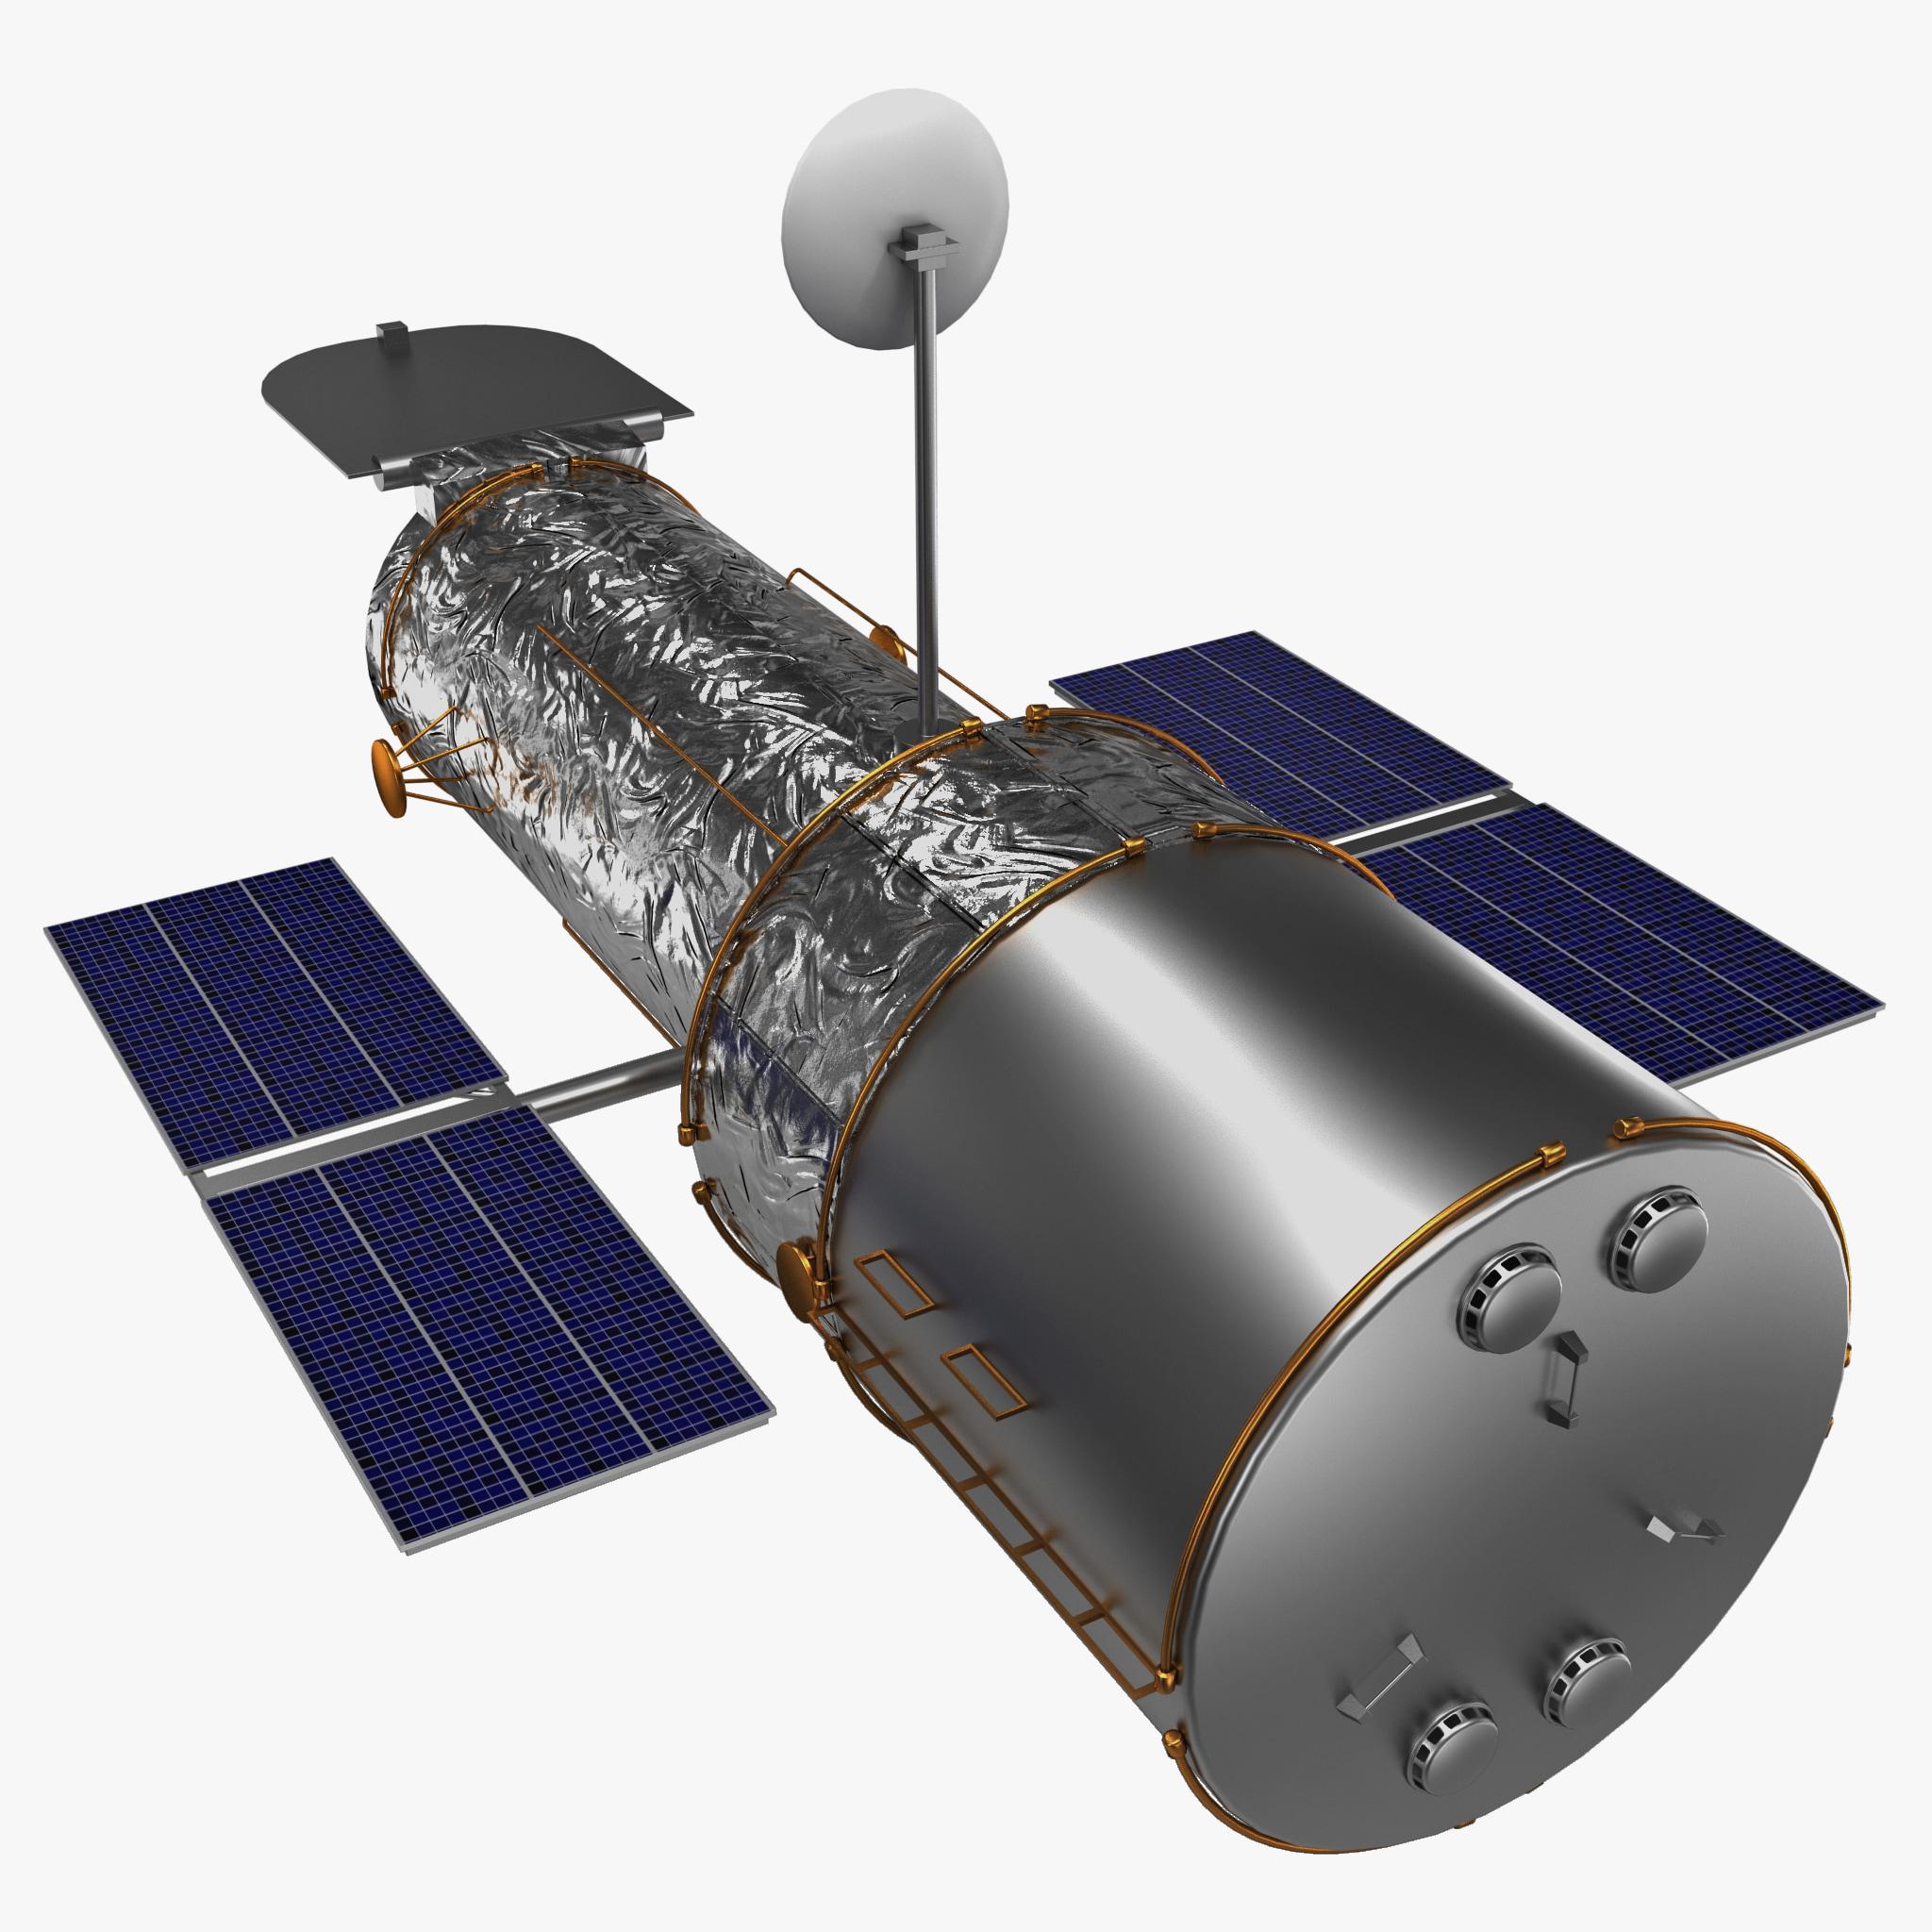 pennwalt model hubble space telescope - photo #41